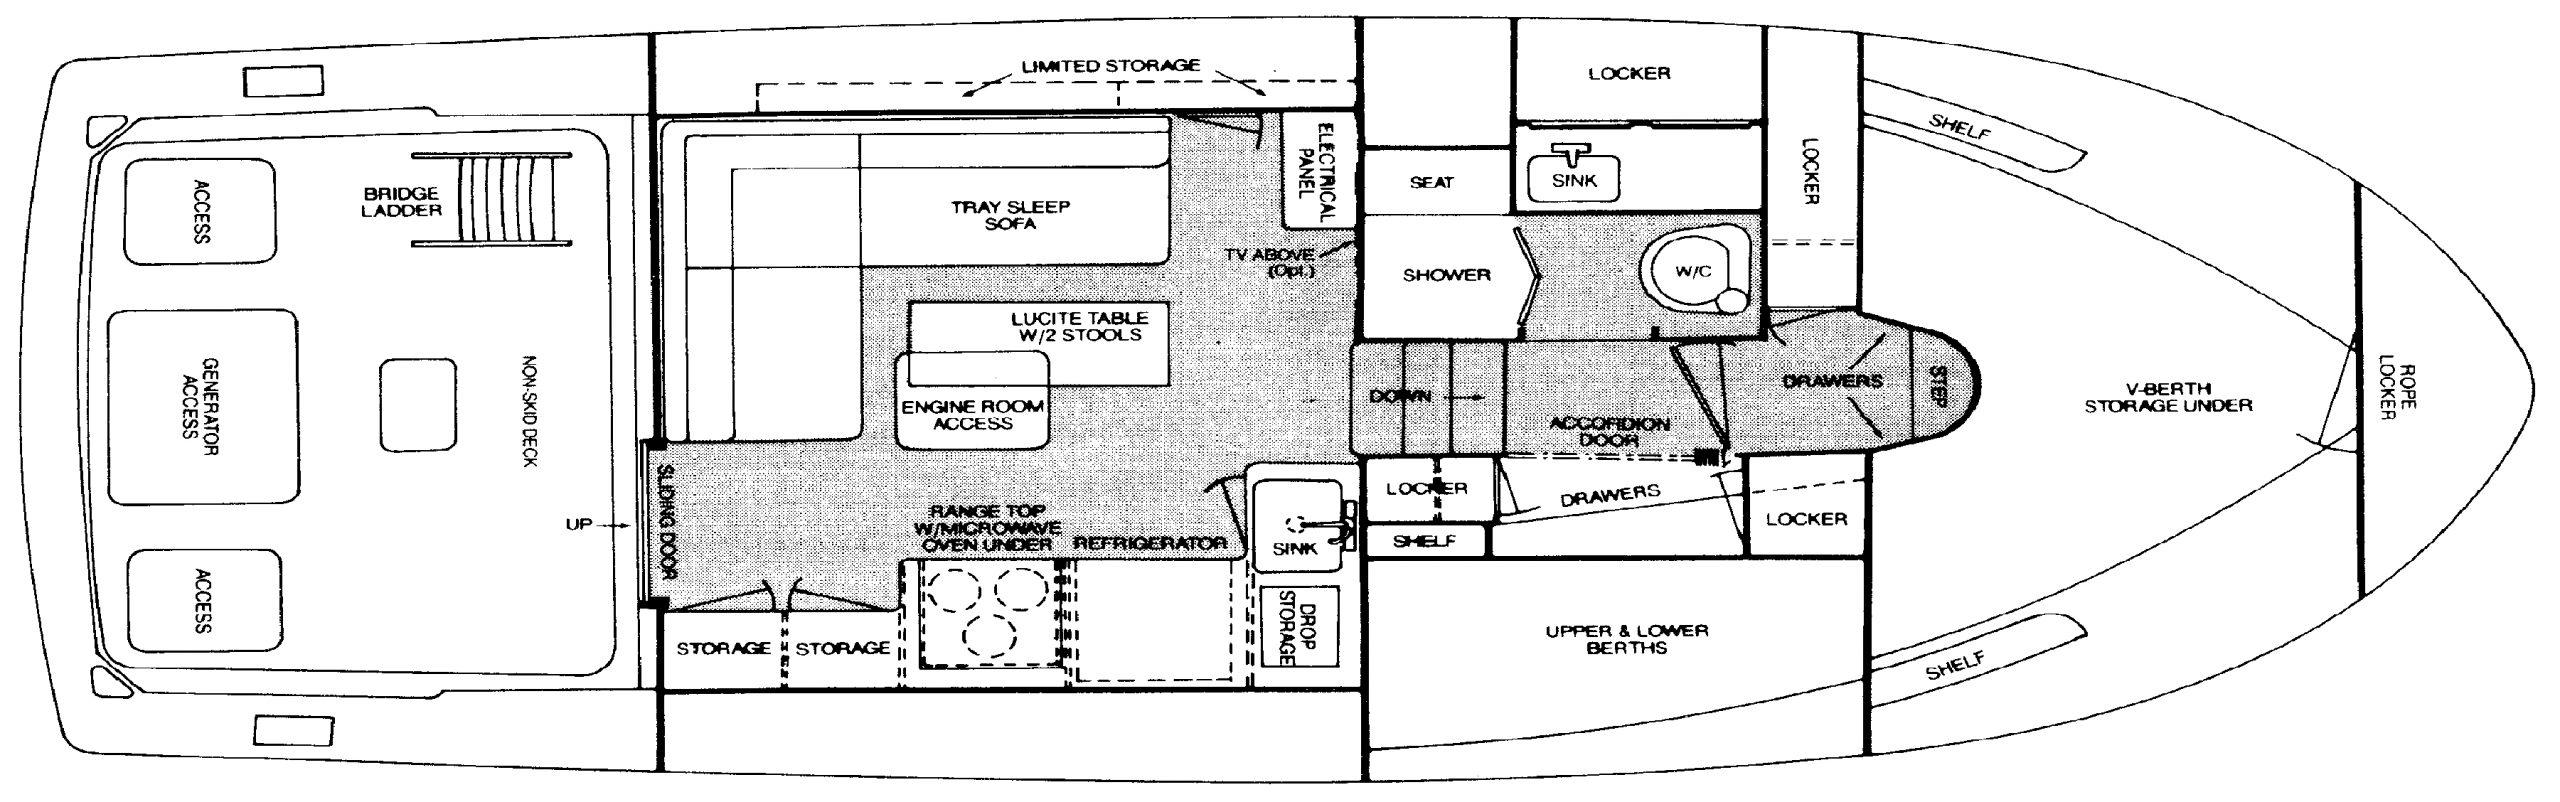 Bertram 33 Flybridge Cruiser Floor Plan 2